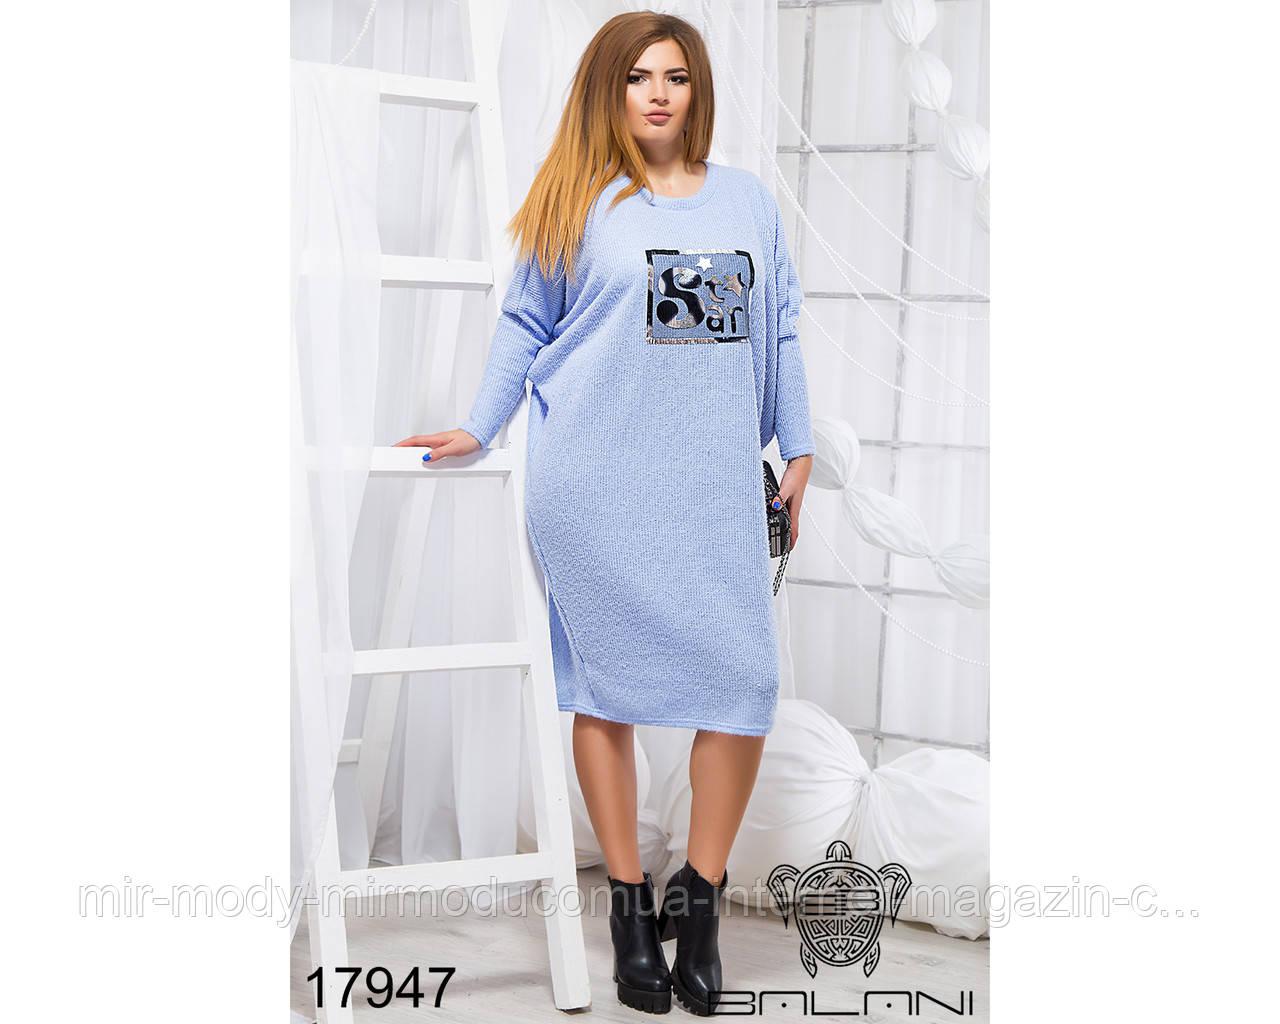 Свободное вязаное платье - 17947 balani